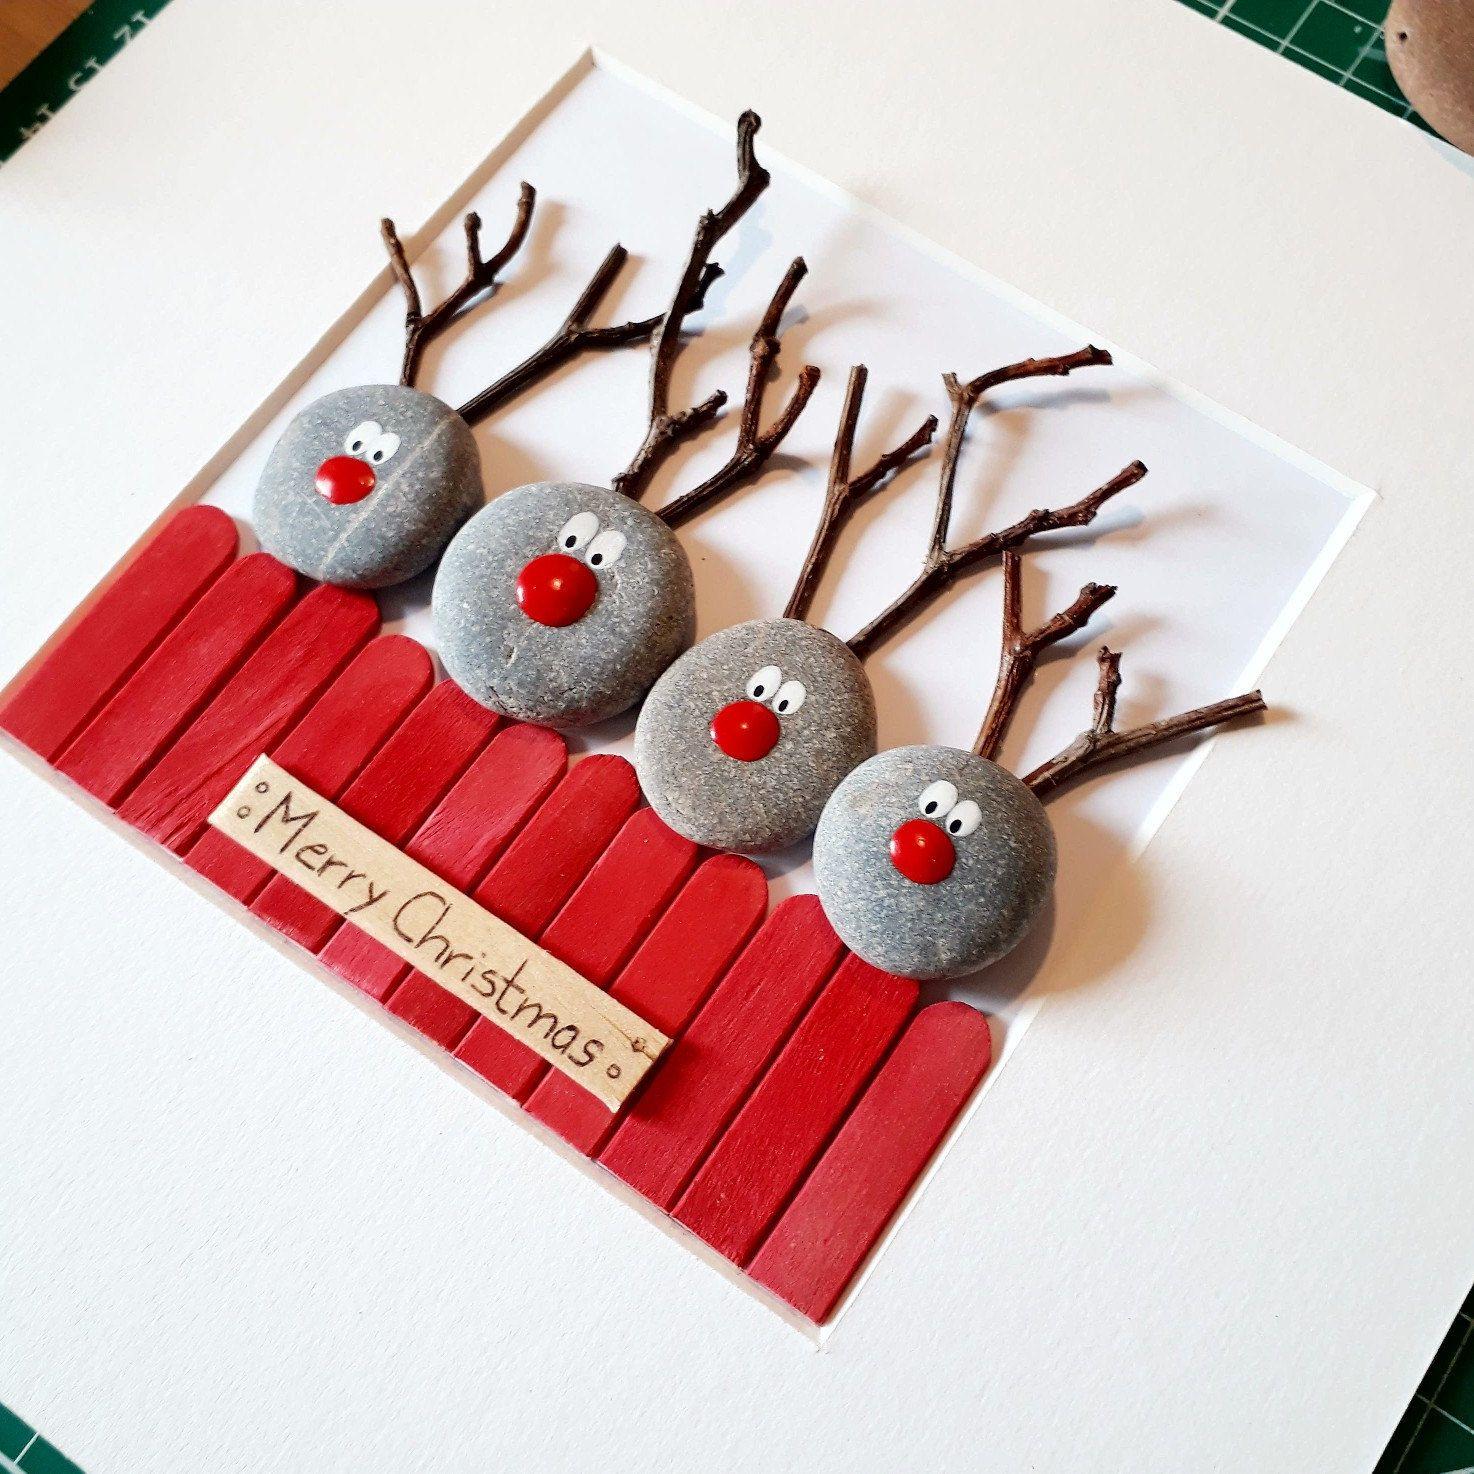 Image de renne, art de caillou de renne, image de renne, art de mur de renne, image de Noel de renne, décor de mur de renne, art de Noel